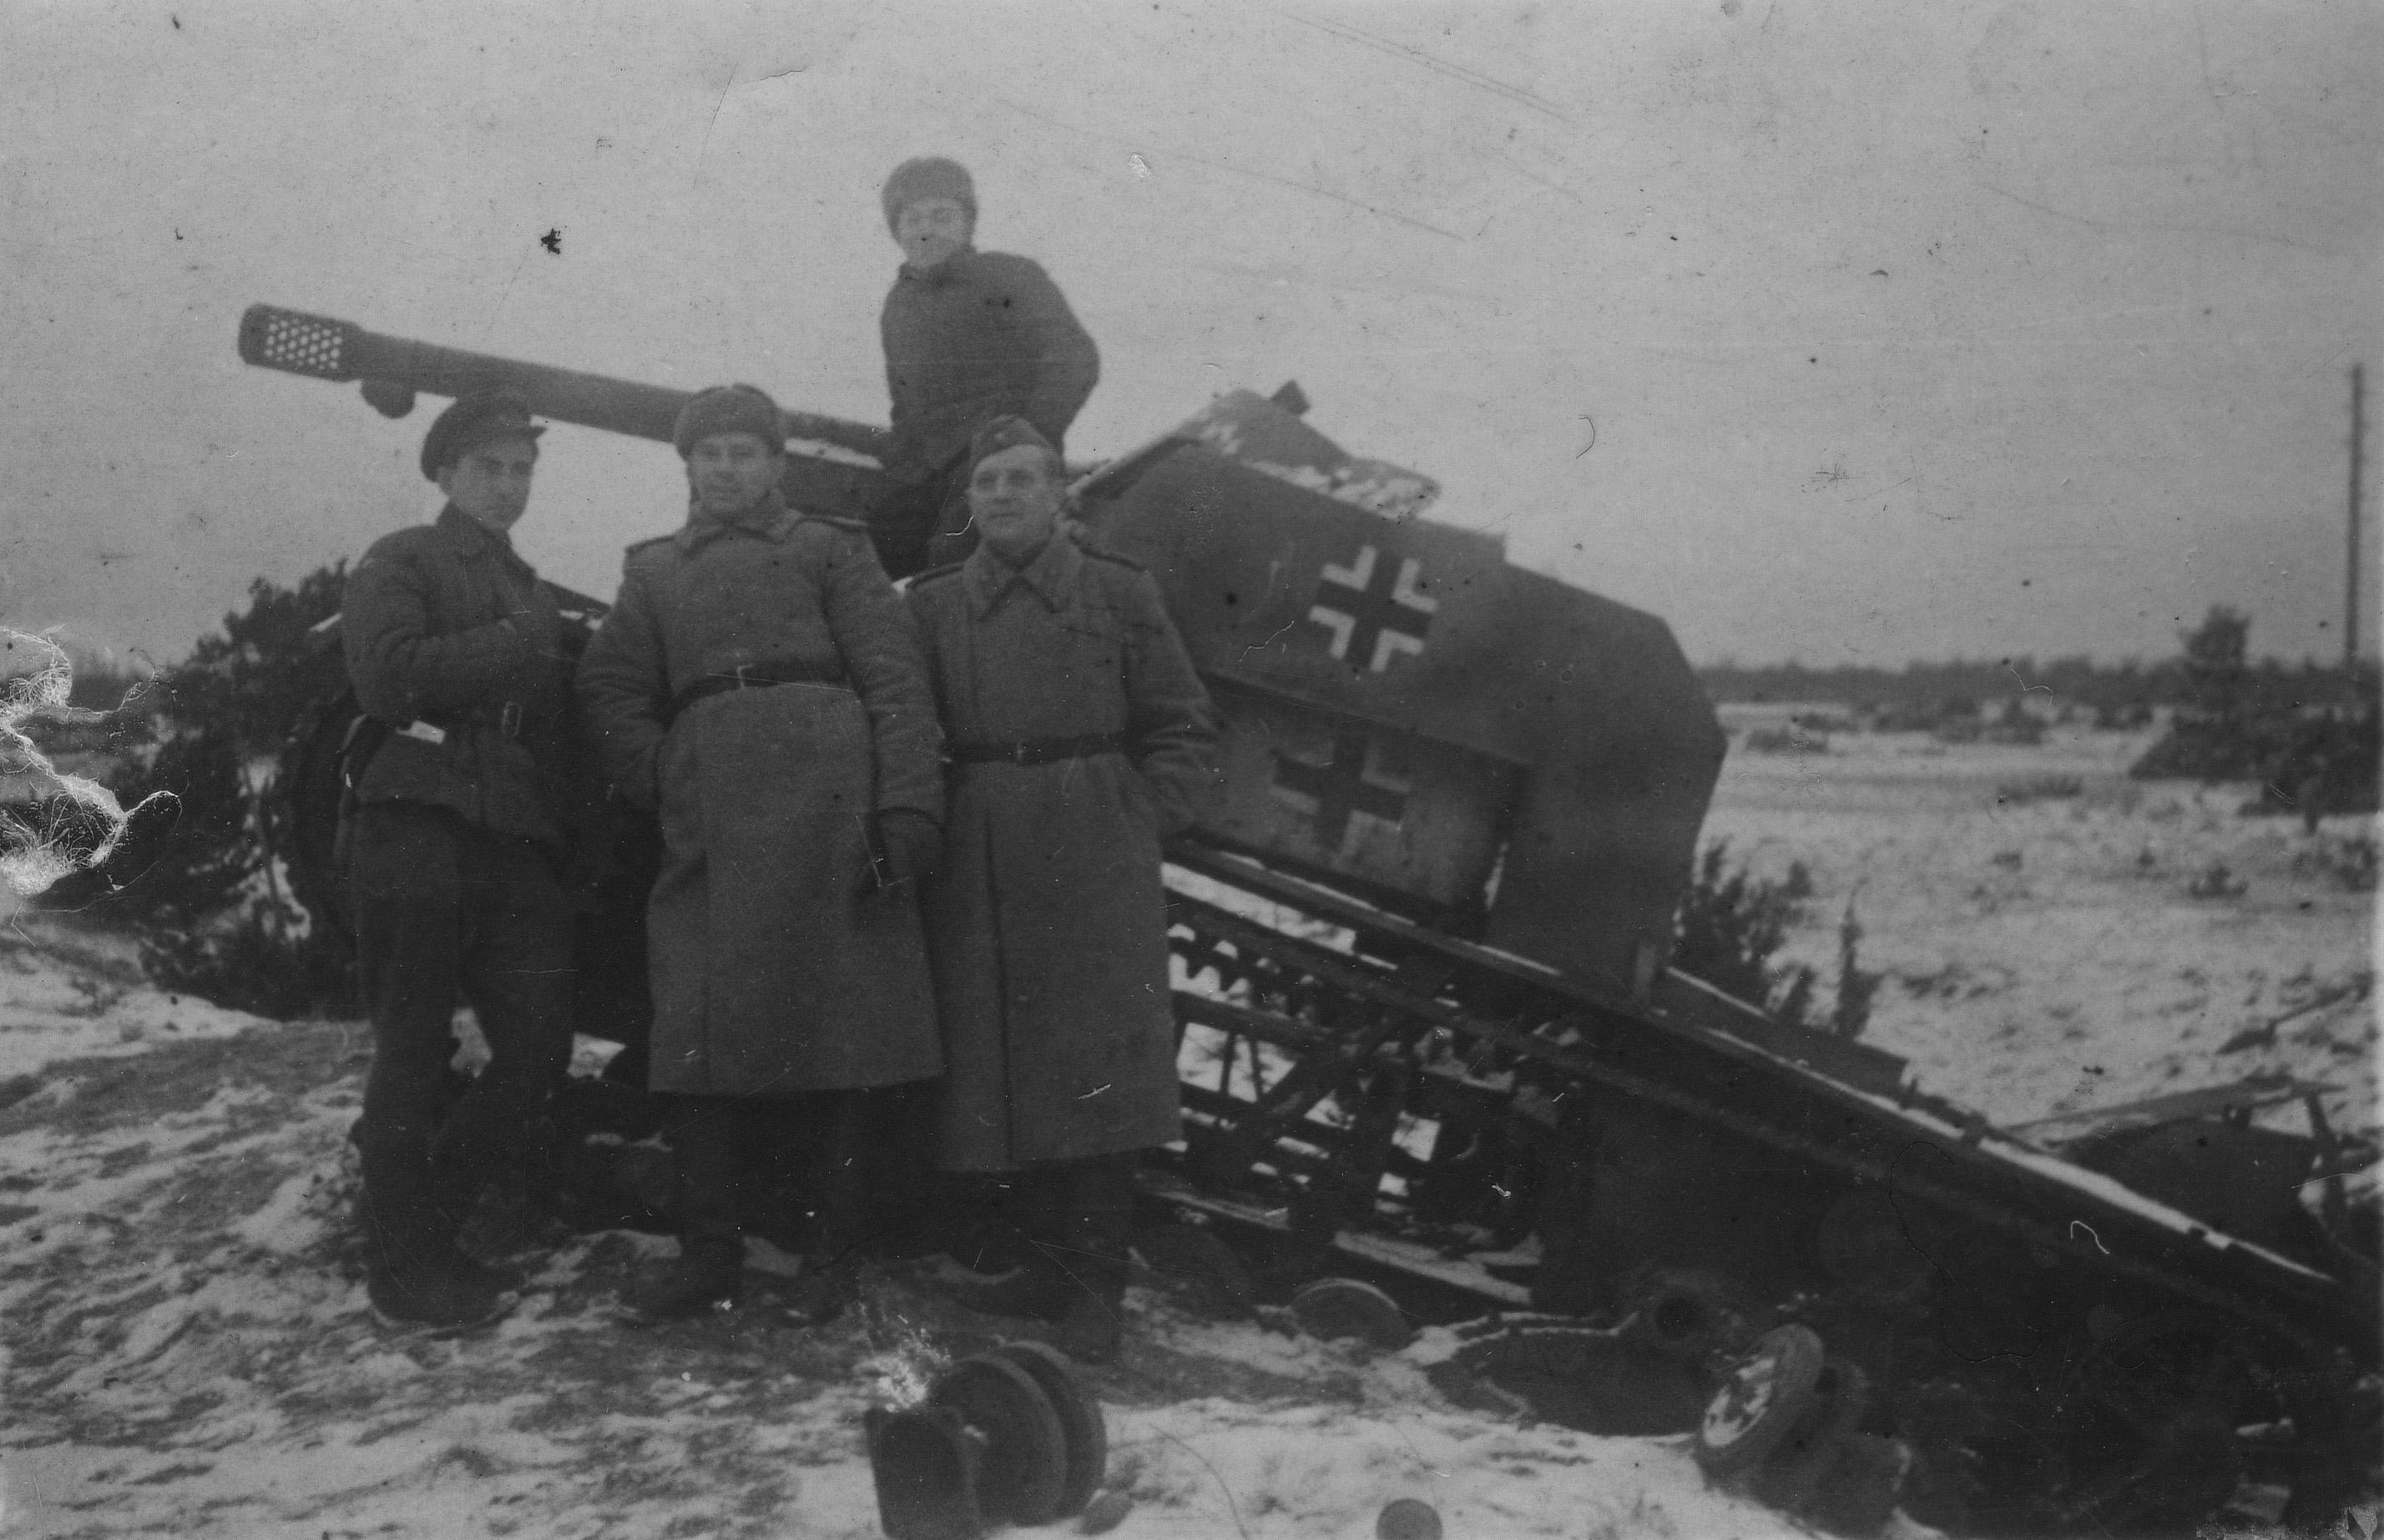 soldats soviétiques - Page 2 T-26-nem-sau